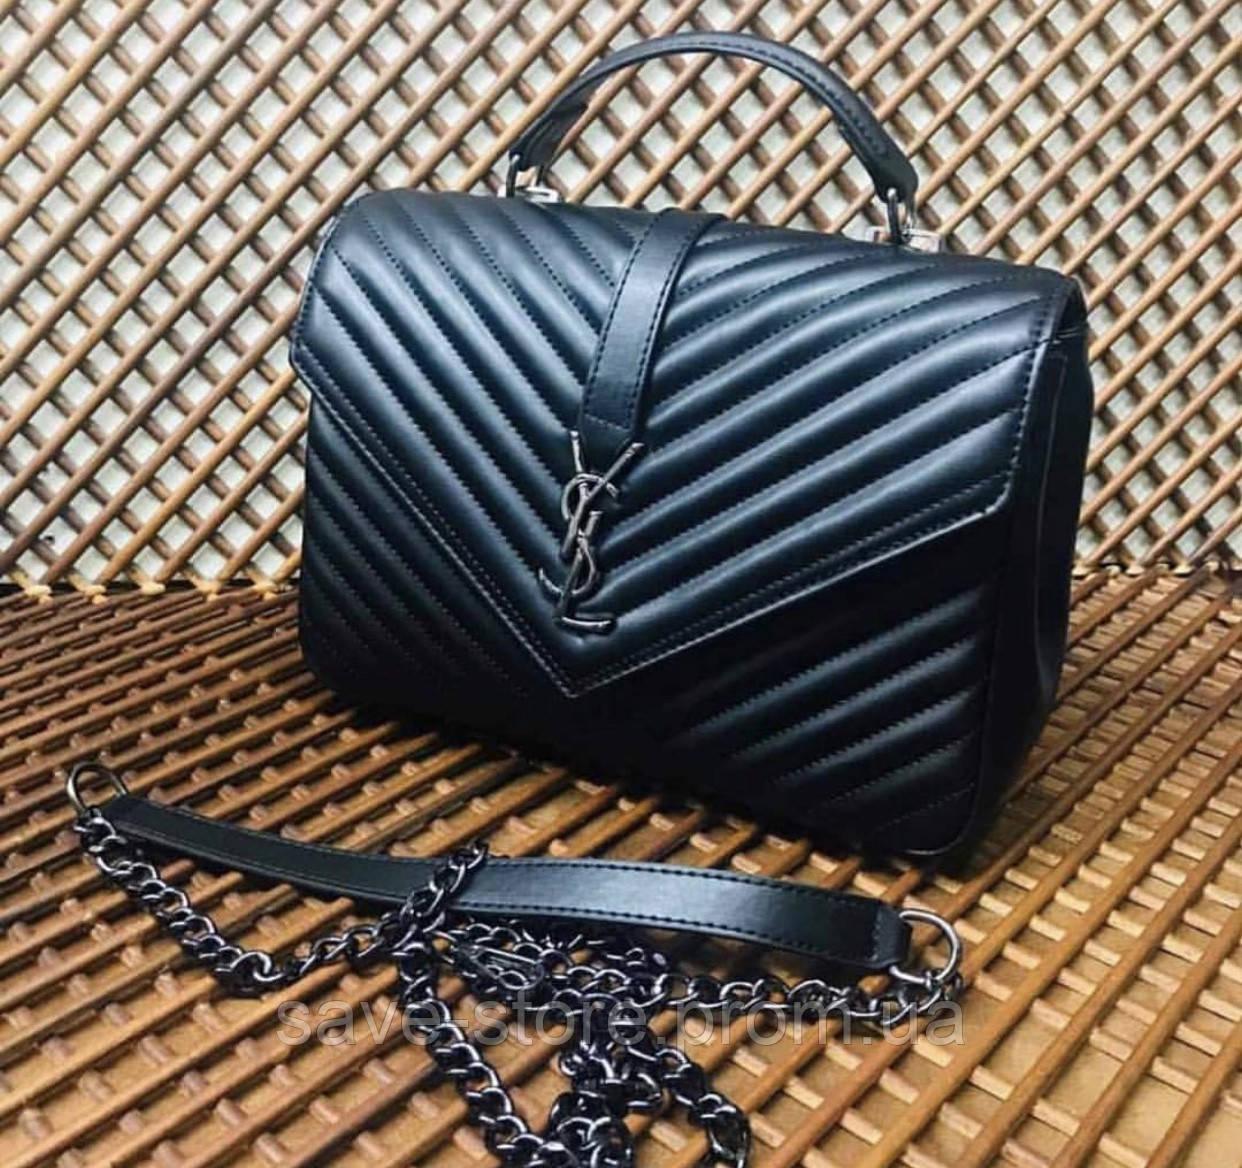 cdb8f550b0eb Женская сумка клатч YSL Yves Saint Laurent (Ив Сен Лоран),черная сумка